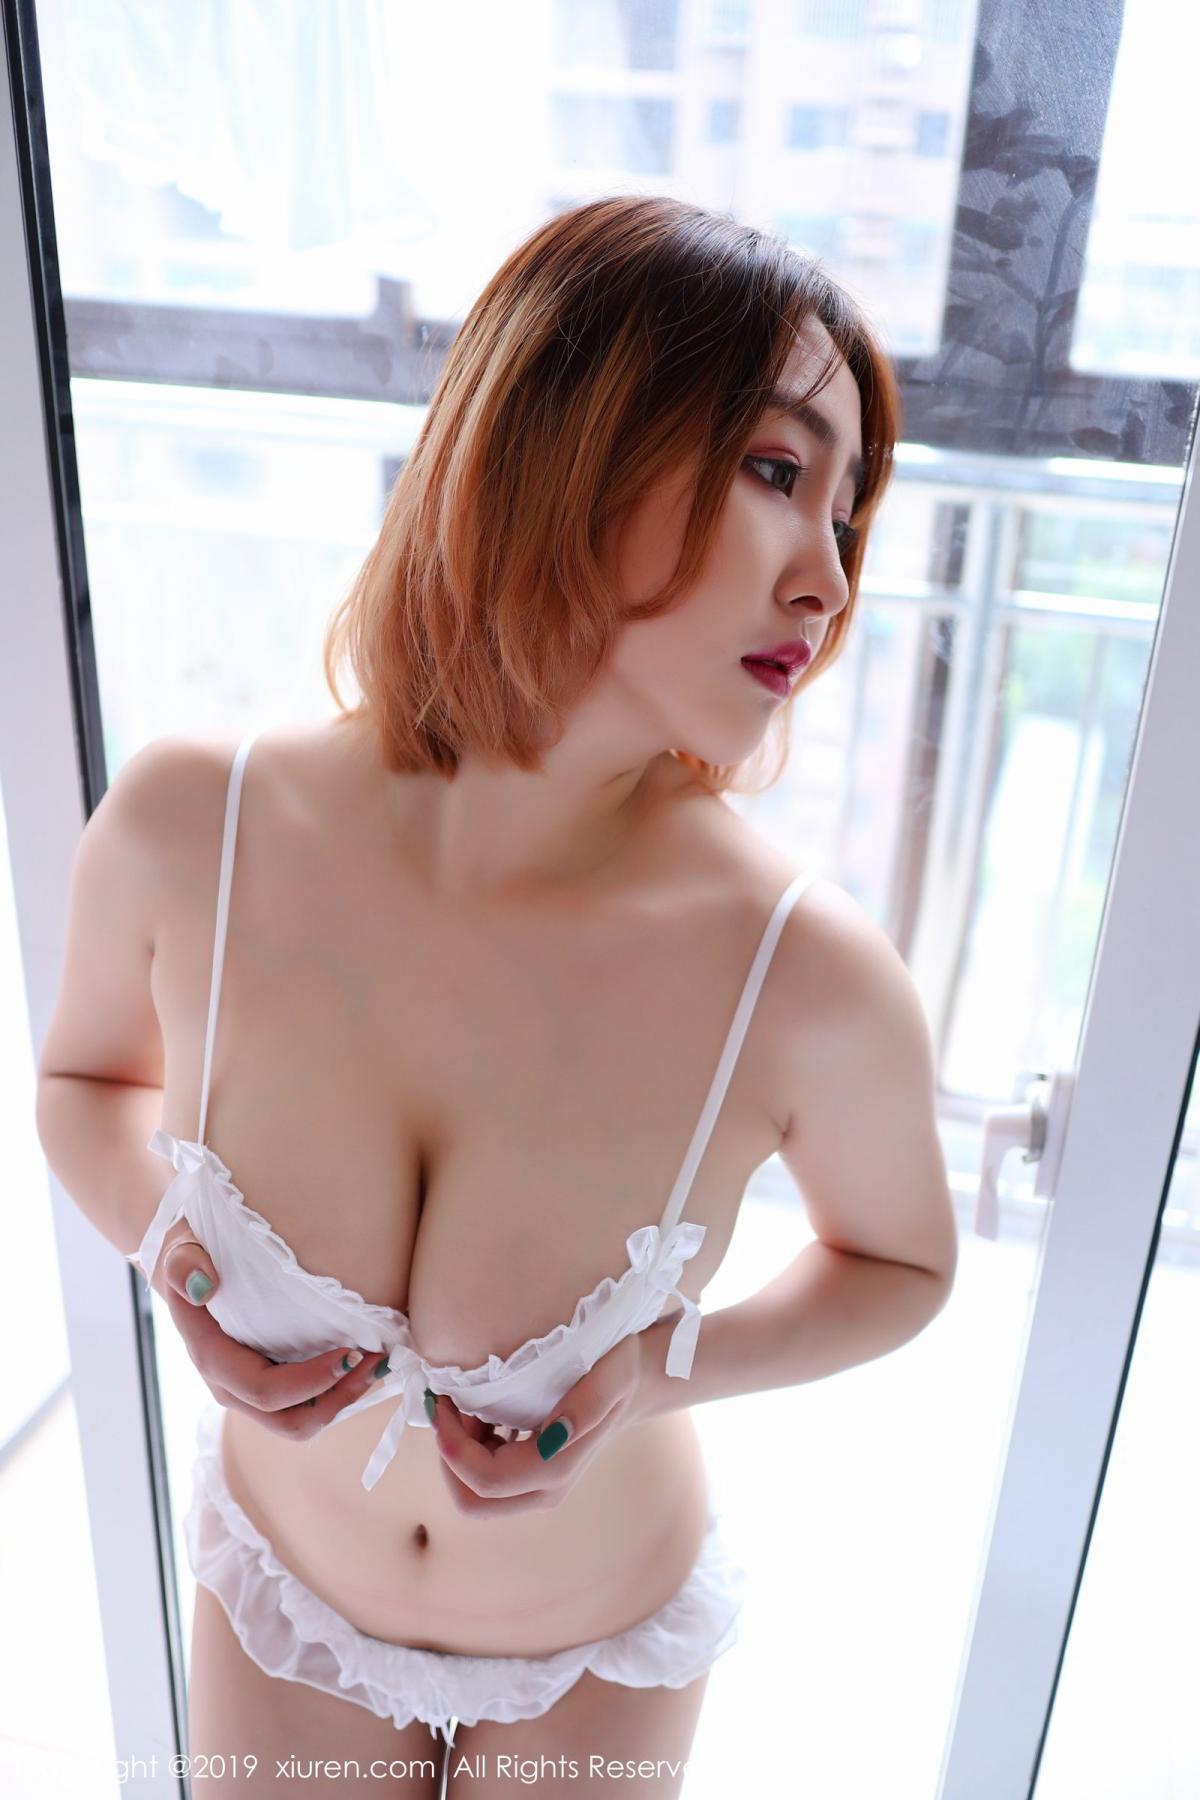 [XiuRen] Vol.1711 Yao A Yao De Yao 24P, Fair Skin, Underwear, Xiuren, Yao A Yao De Yao